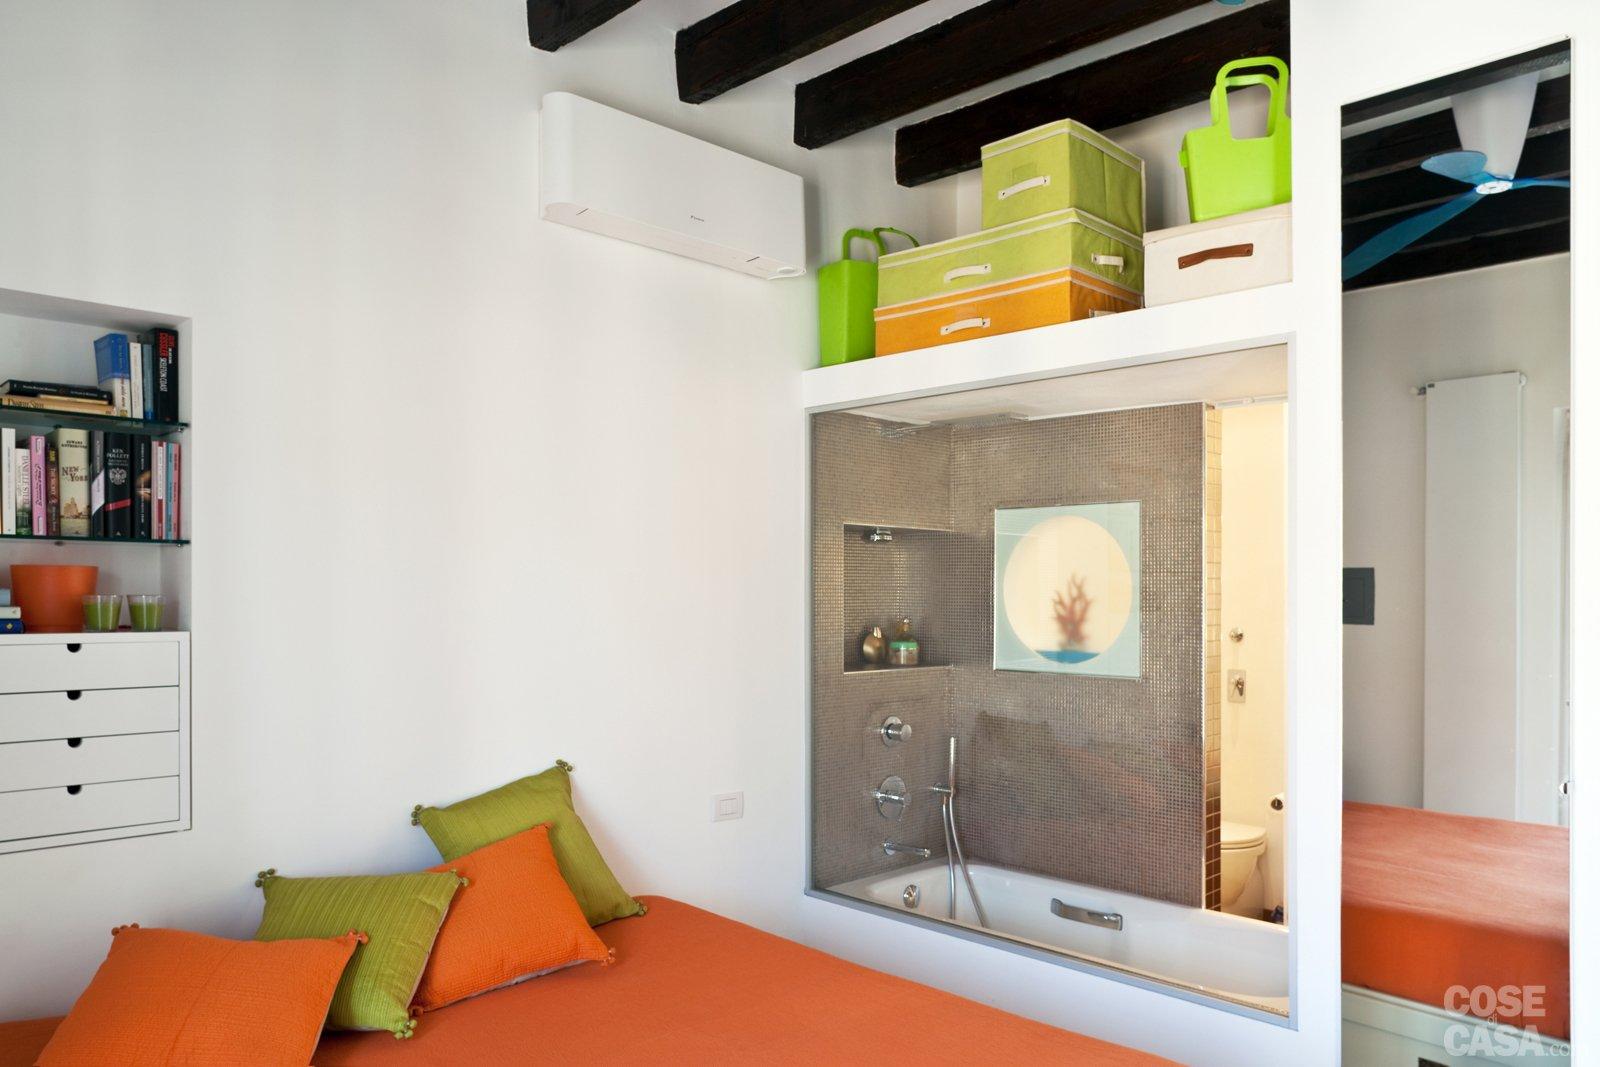 Una casa di 35 mq sfruttati al massimo cose di casa for Casa con una camera da letto